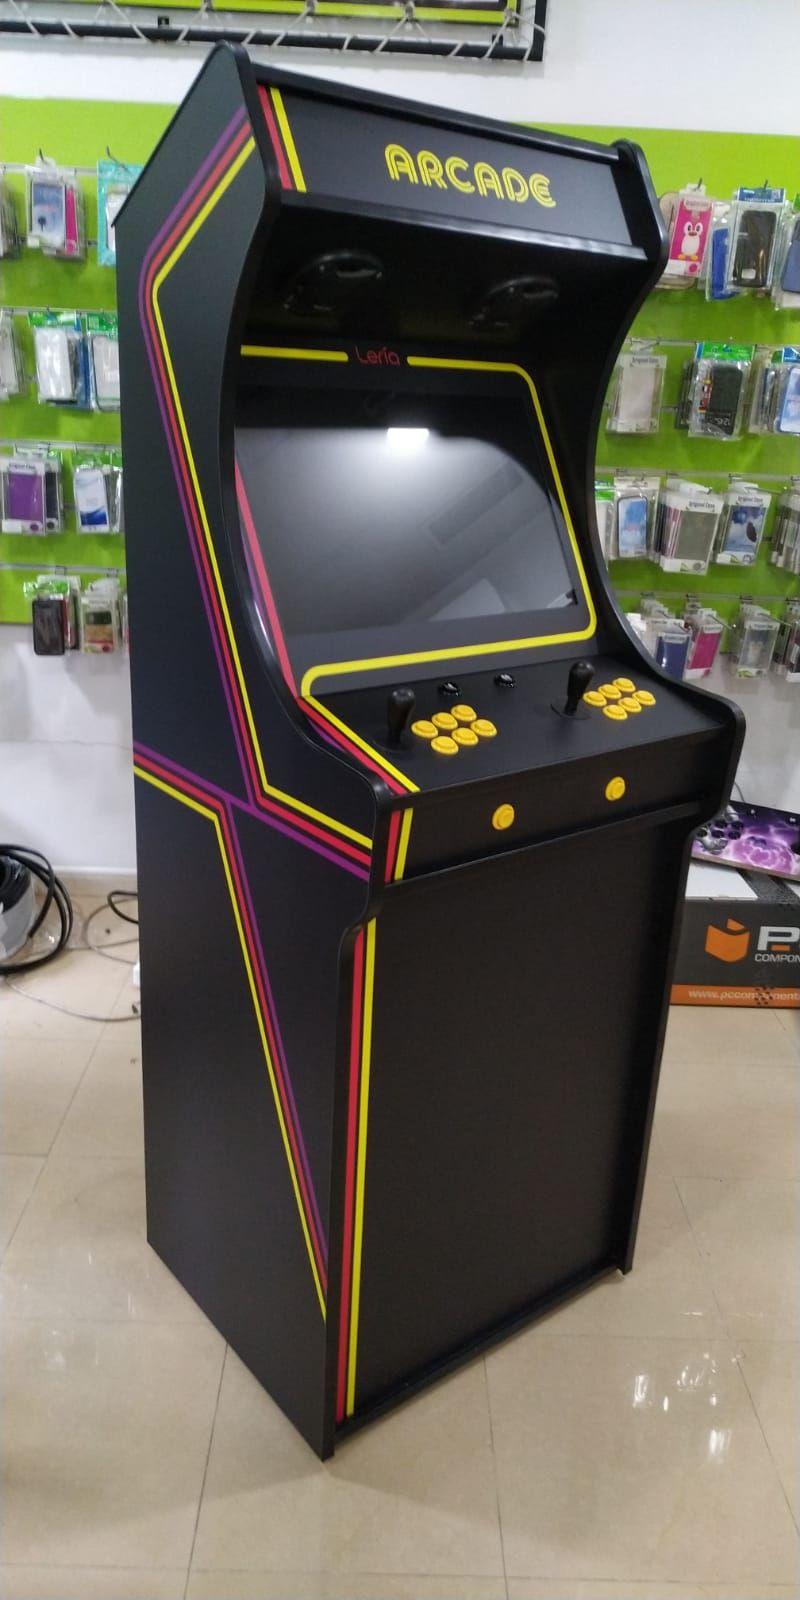 Foto 2 de Fabricación personalizada de máquinas Arcade en Sevilla | Mundo Arcade Sevilla